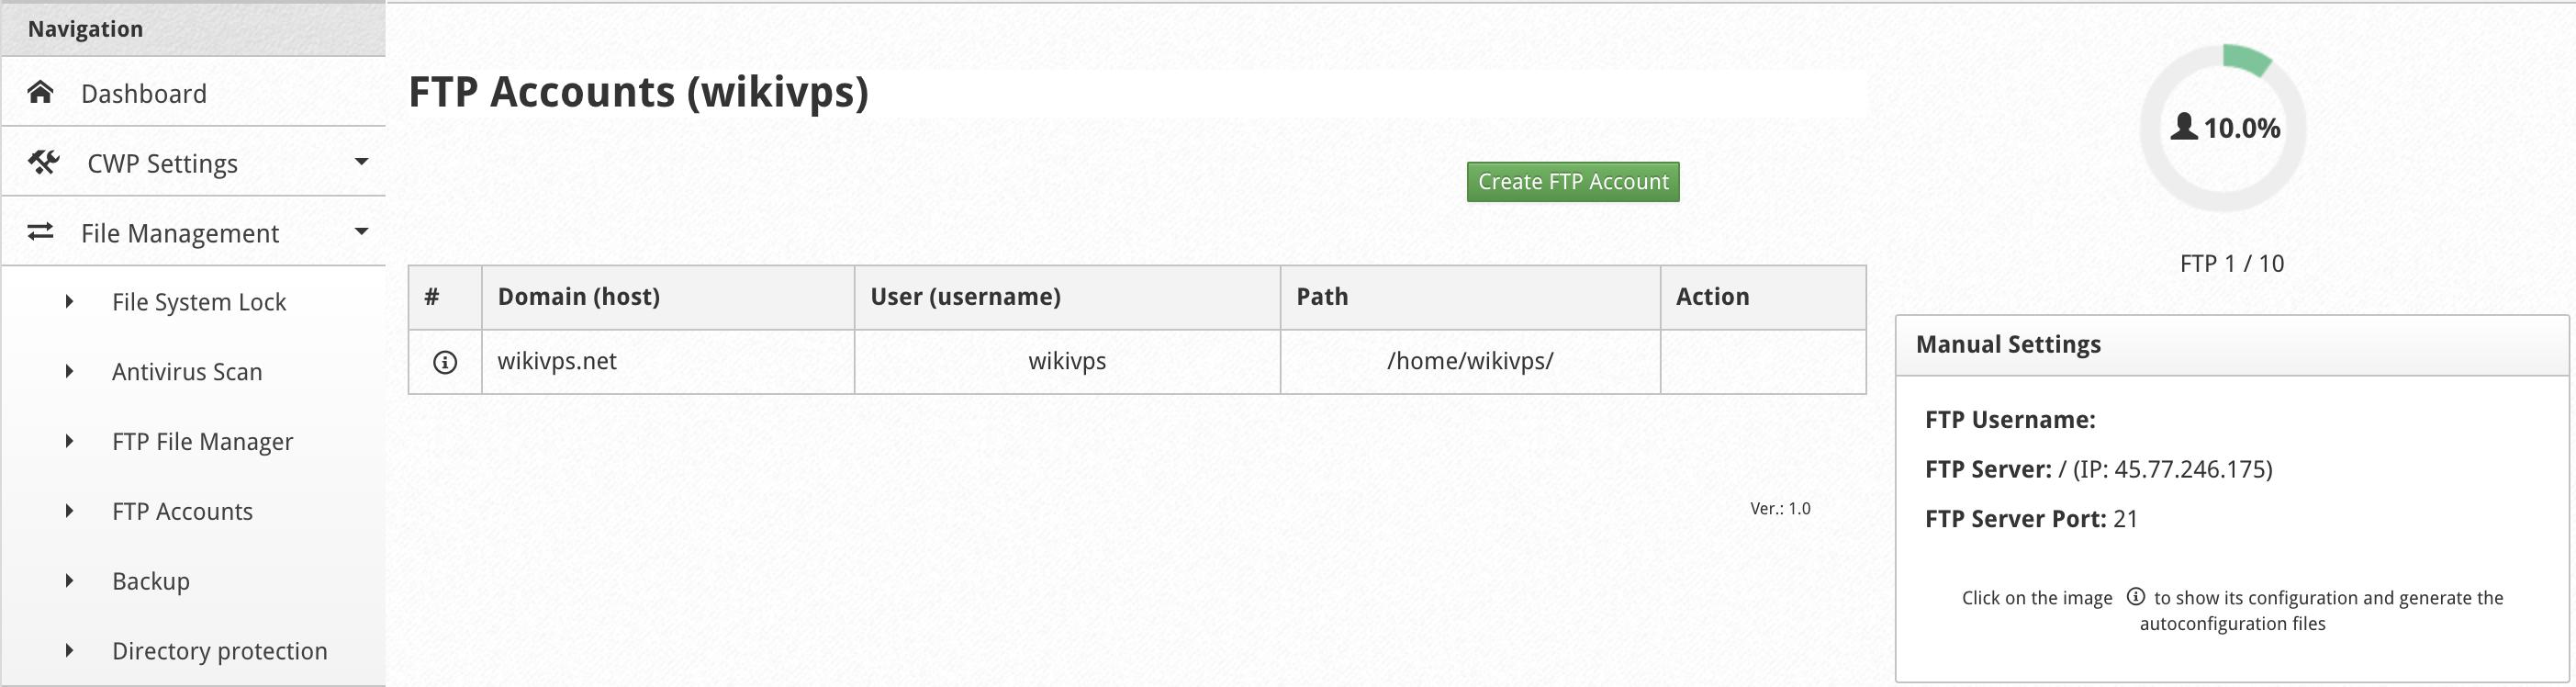 wikivps- đi tới mục tạo ftp account